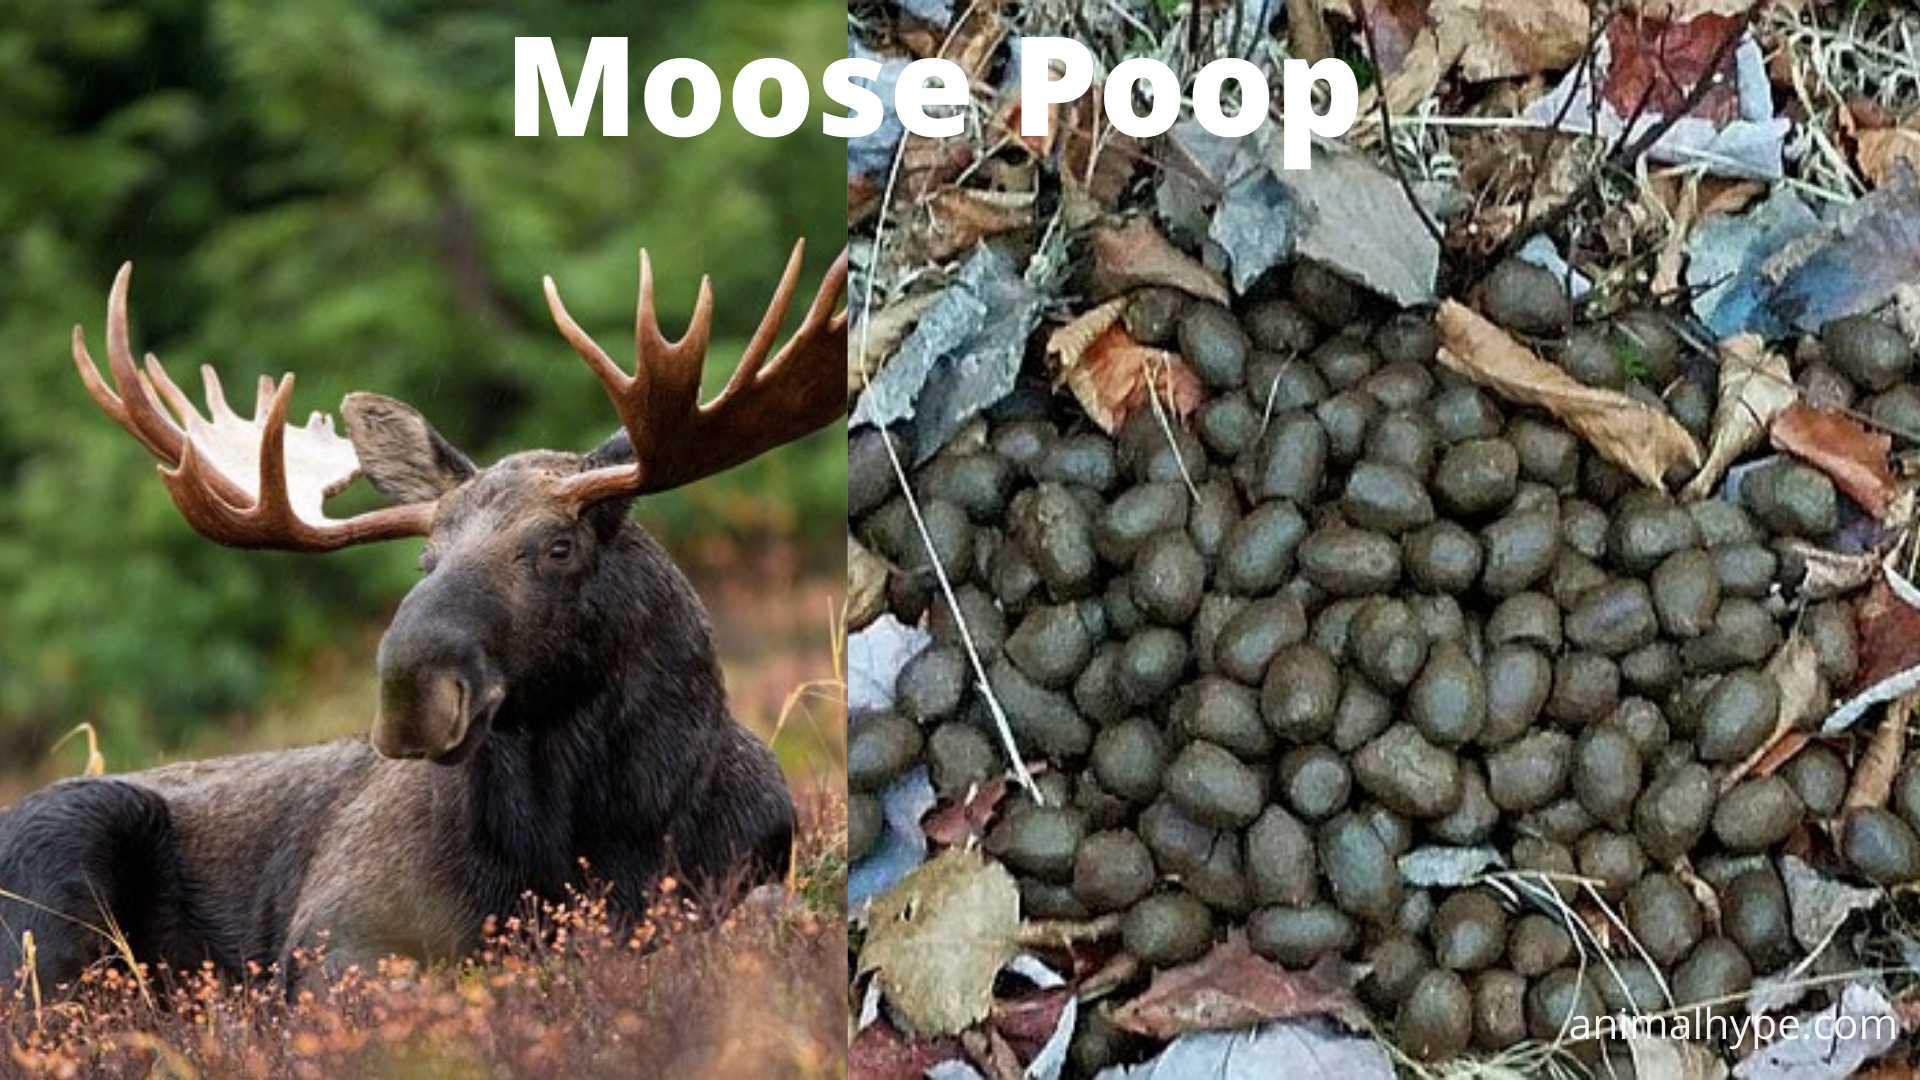 Moose Poop